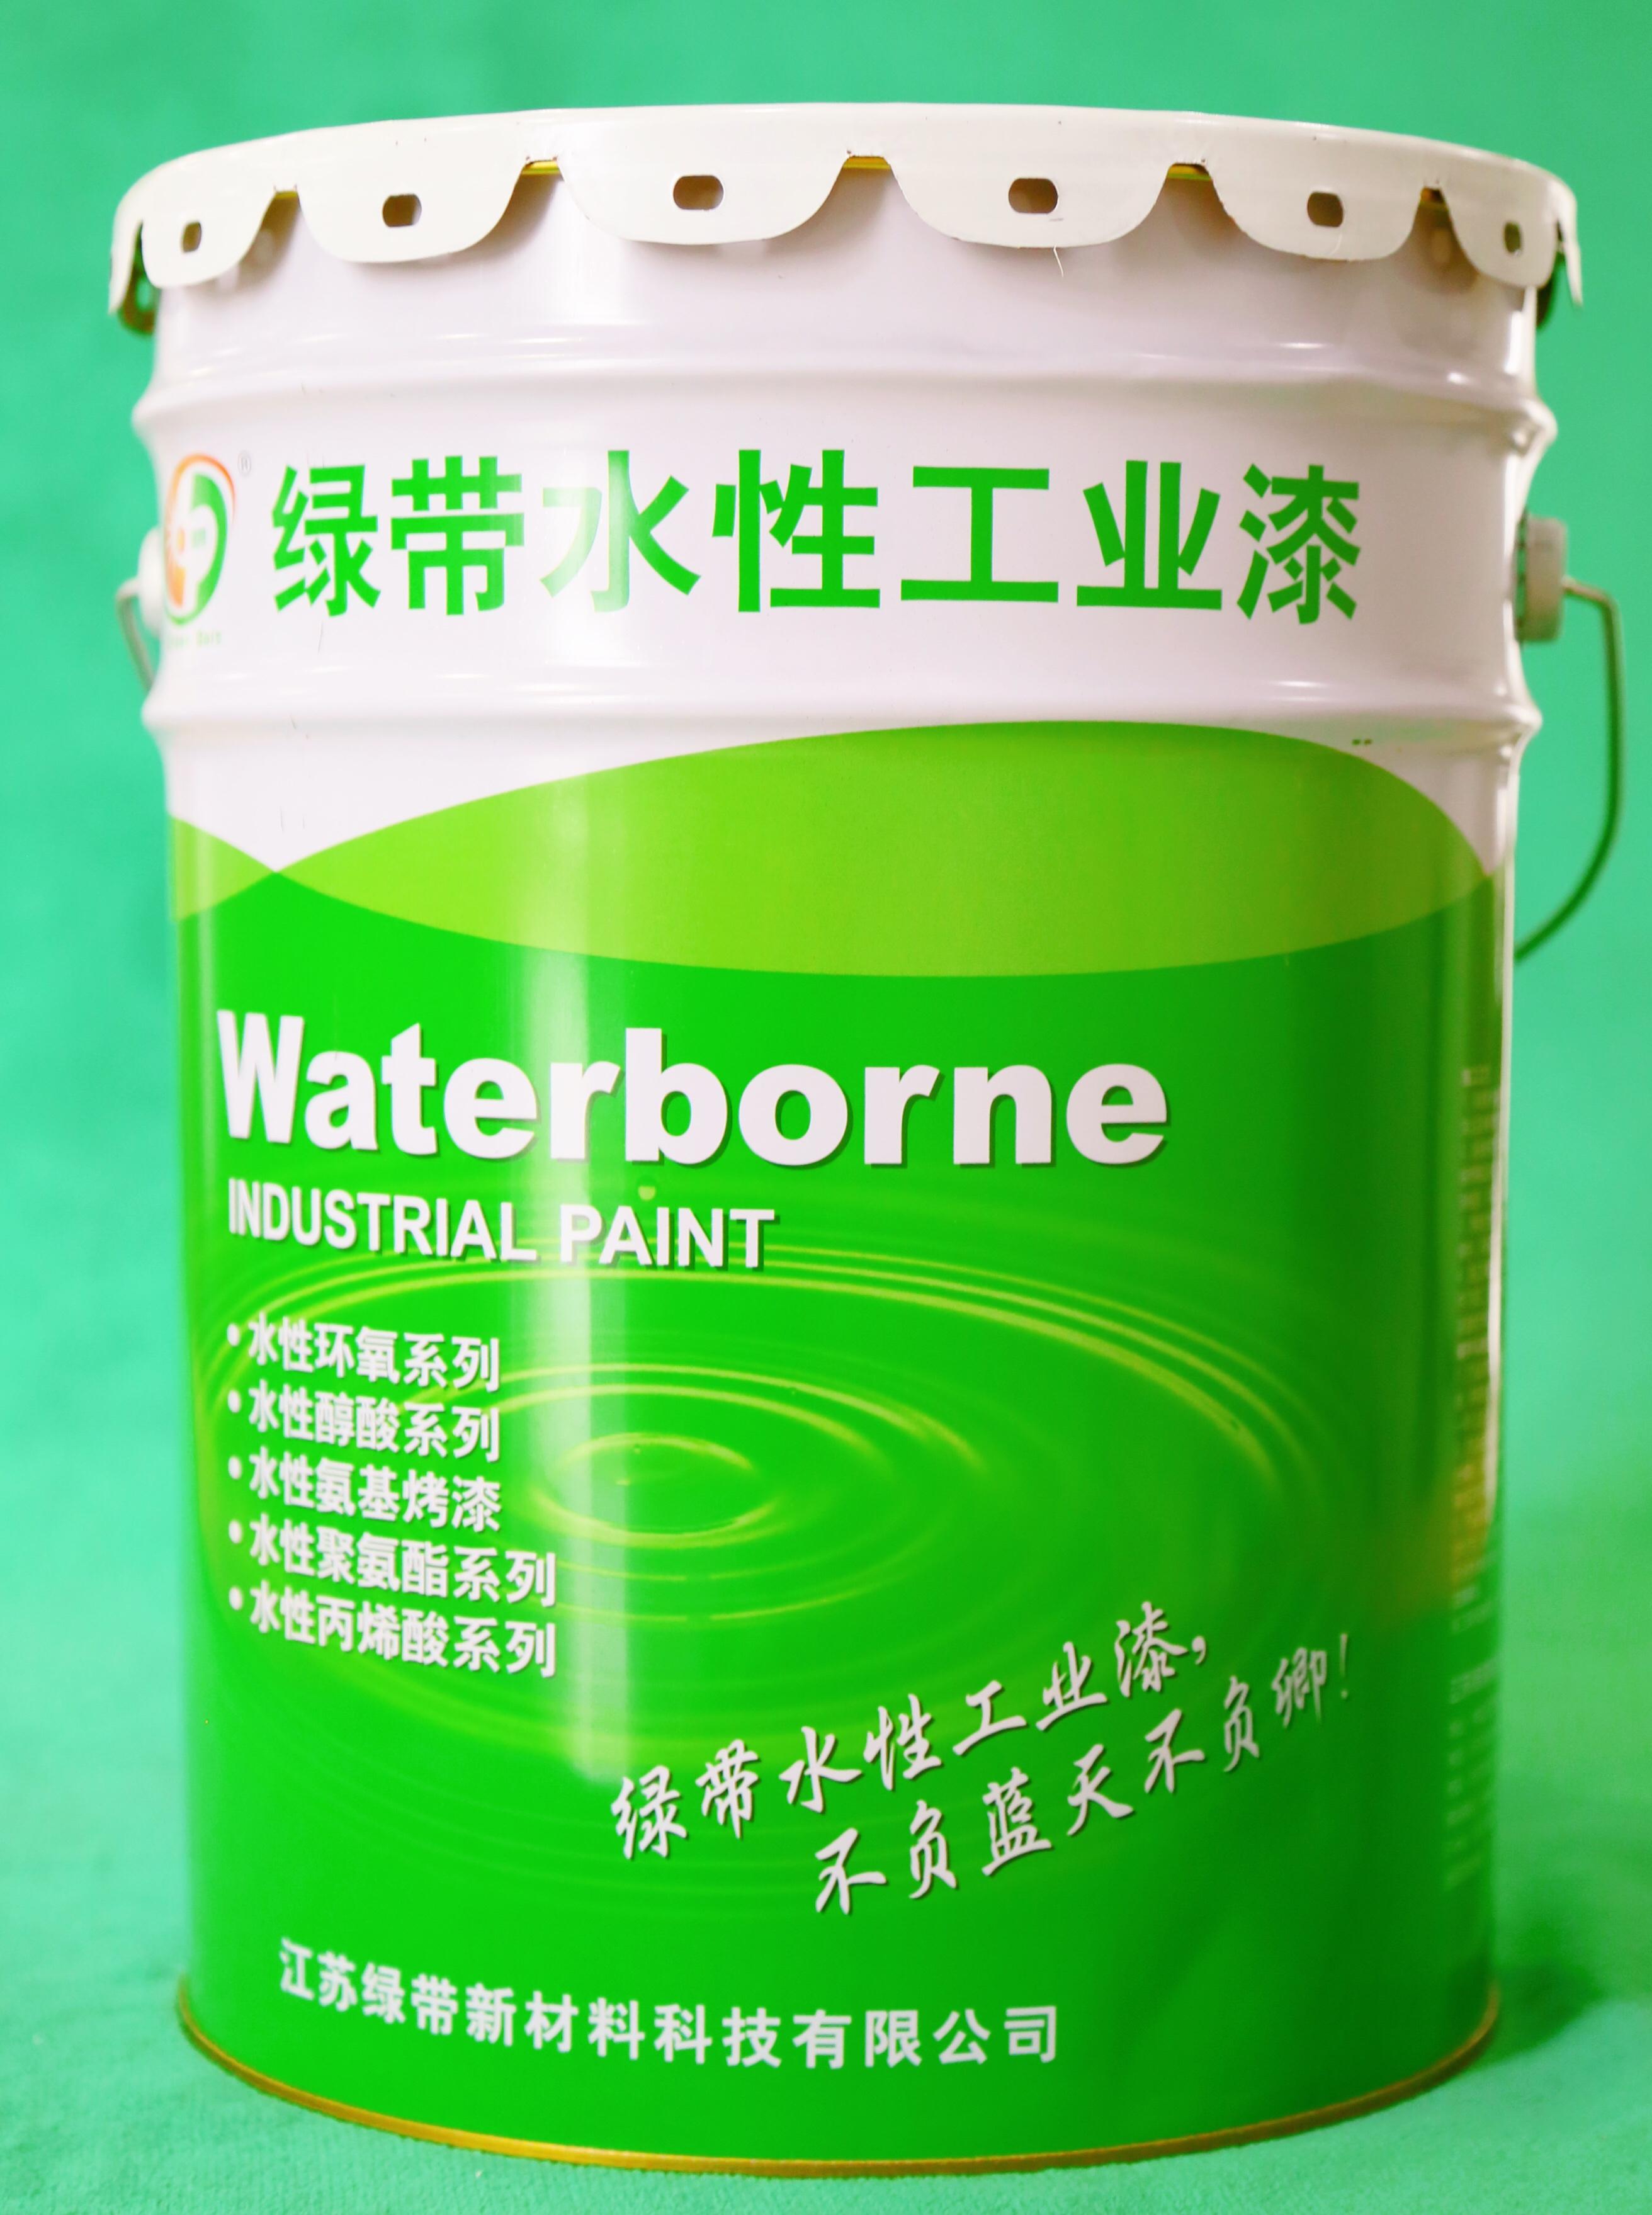 水性丙烯酸面漆水性丙烯酸面漆图片